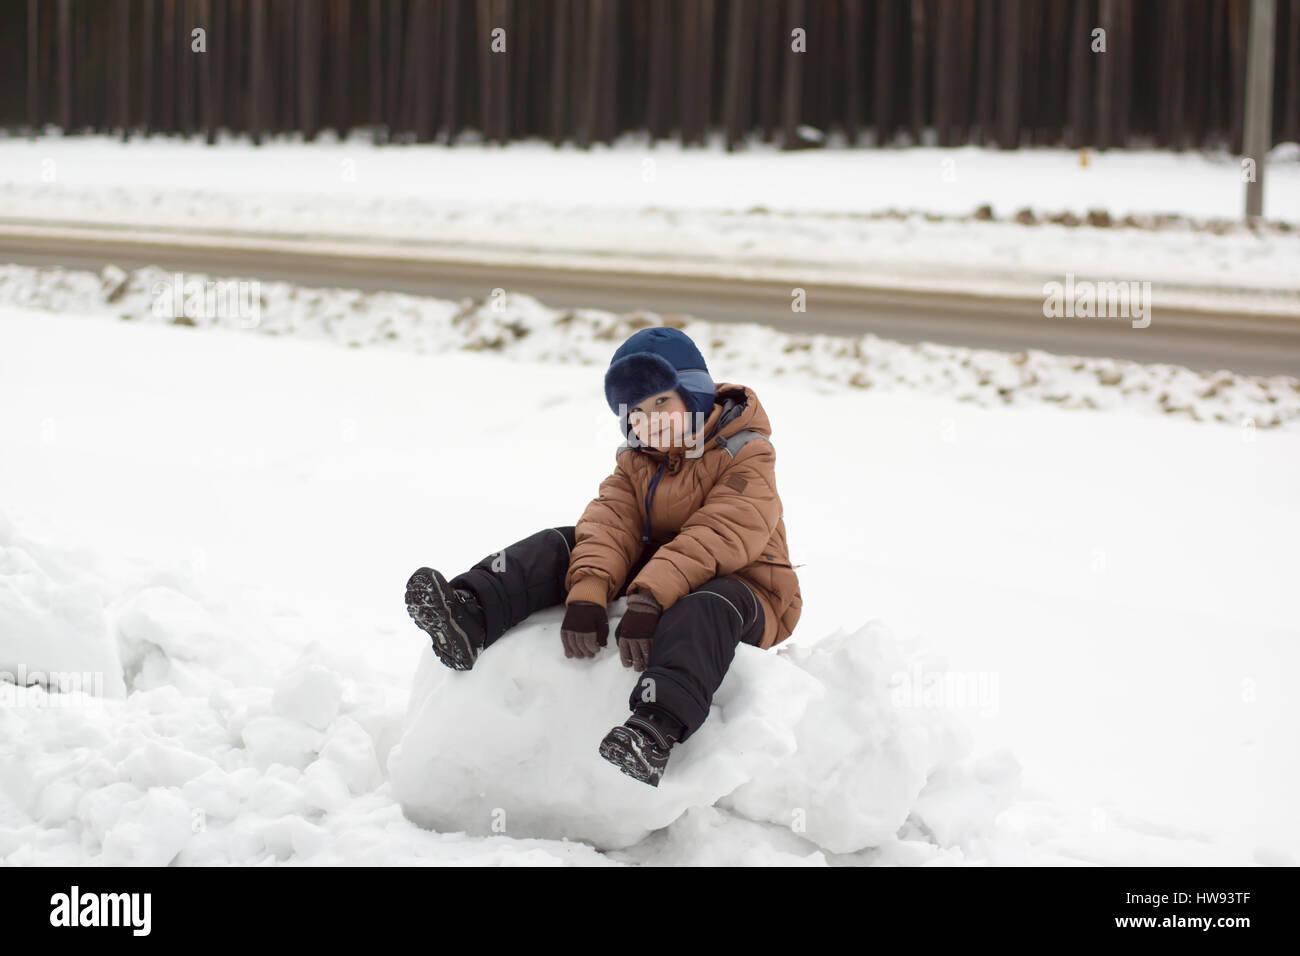 warmly dressed boy walking on a winter street - Stock Image